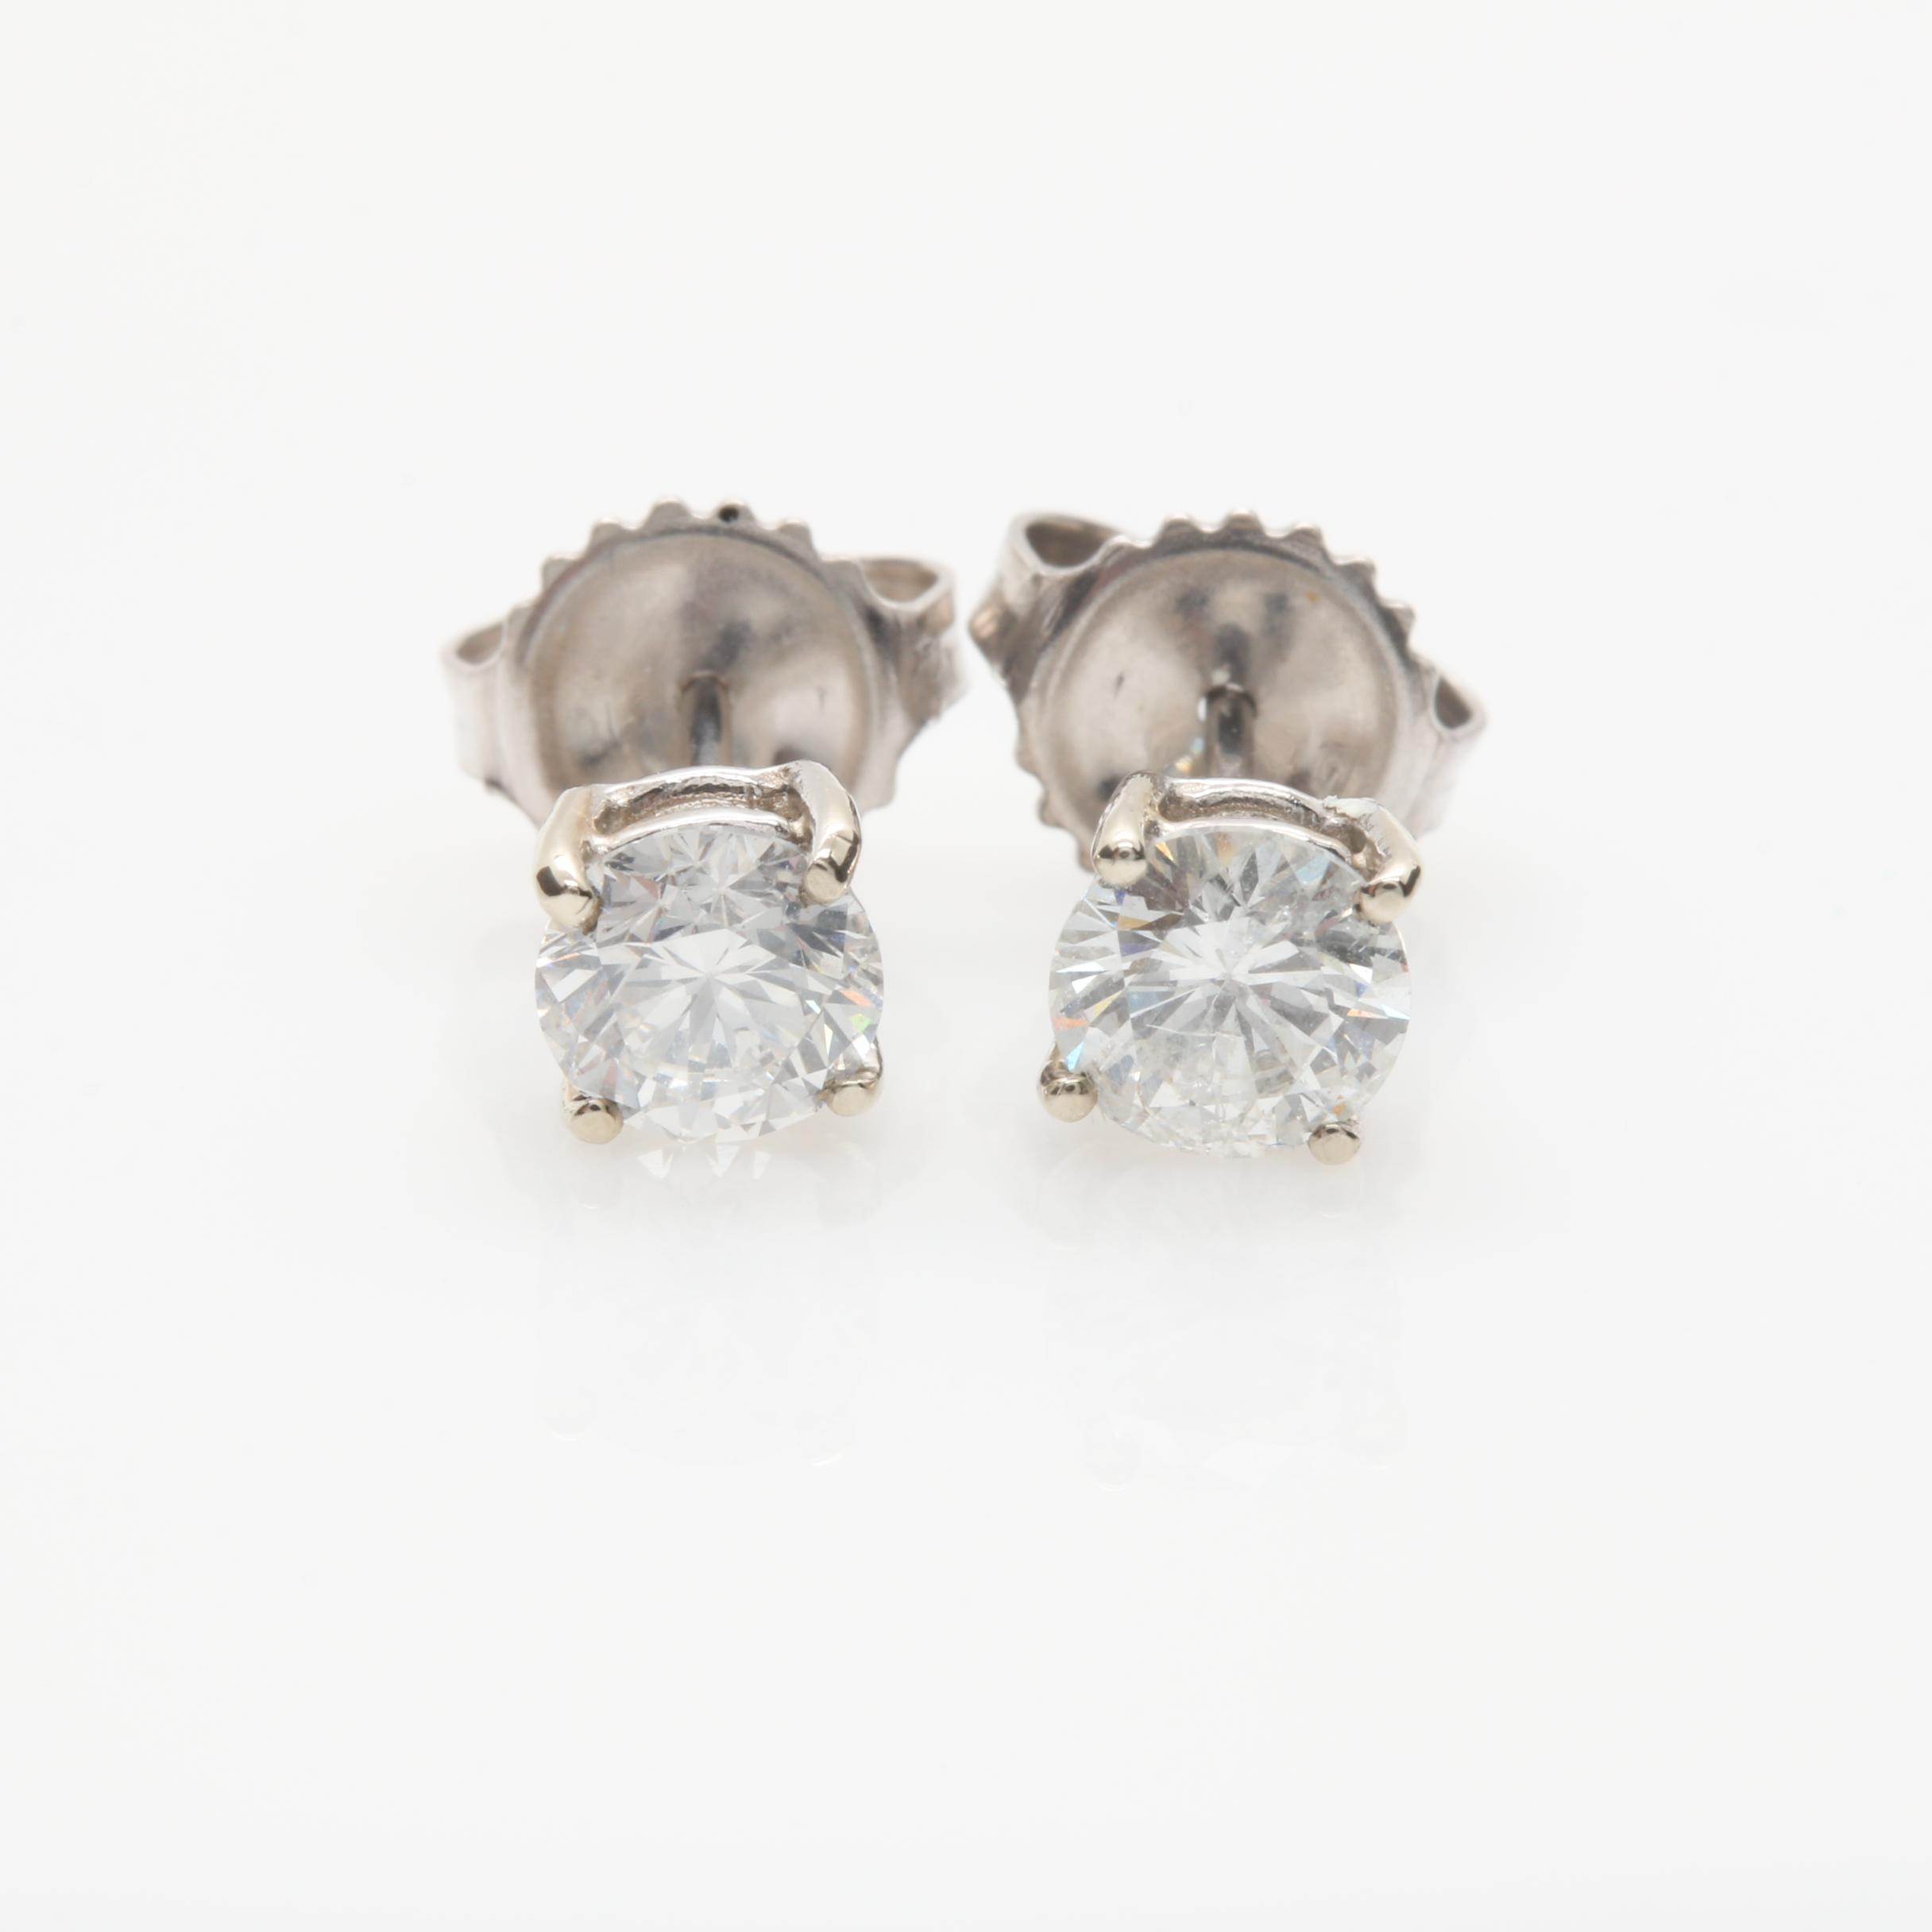 14K White Gold 0.98 CTW Diamond Stud Earrings